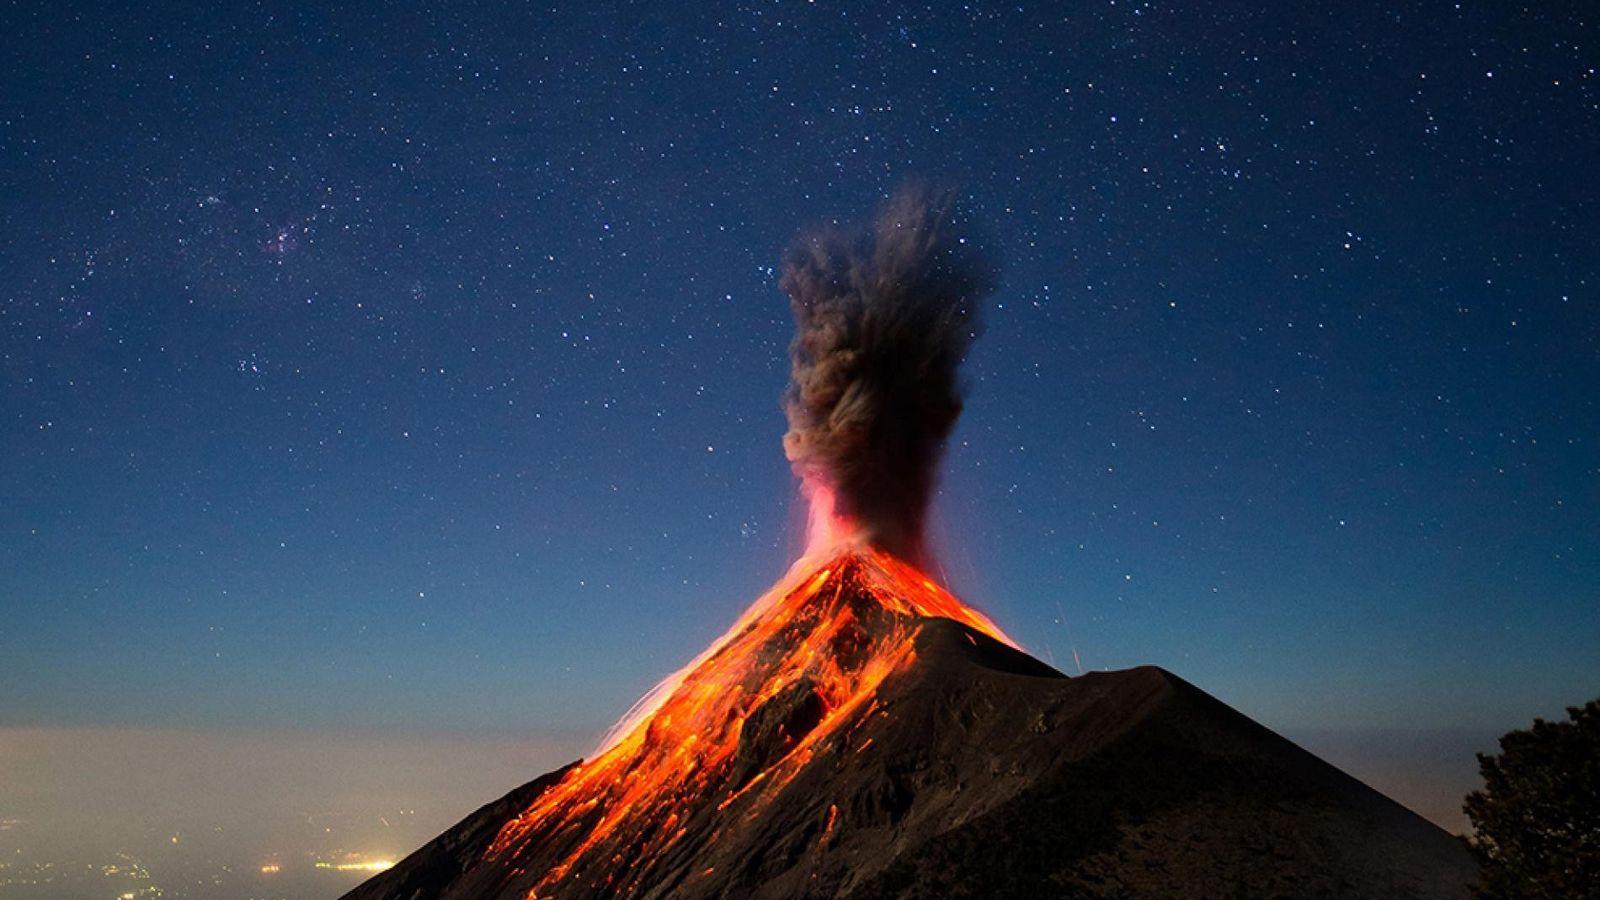 Afin d'avoir une meilleure vue du Fuego, un volcan très actif du Guatemala, le photographe de ...